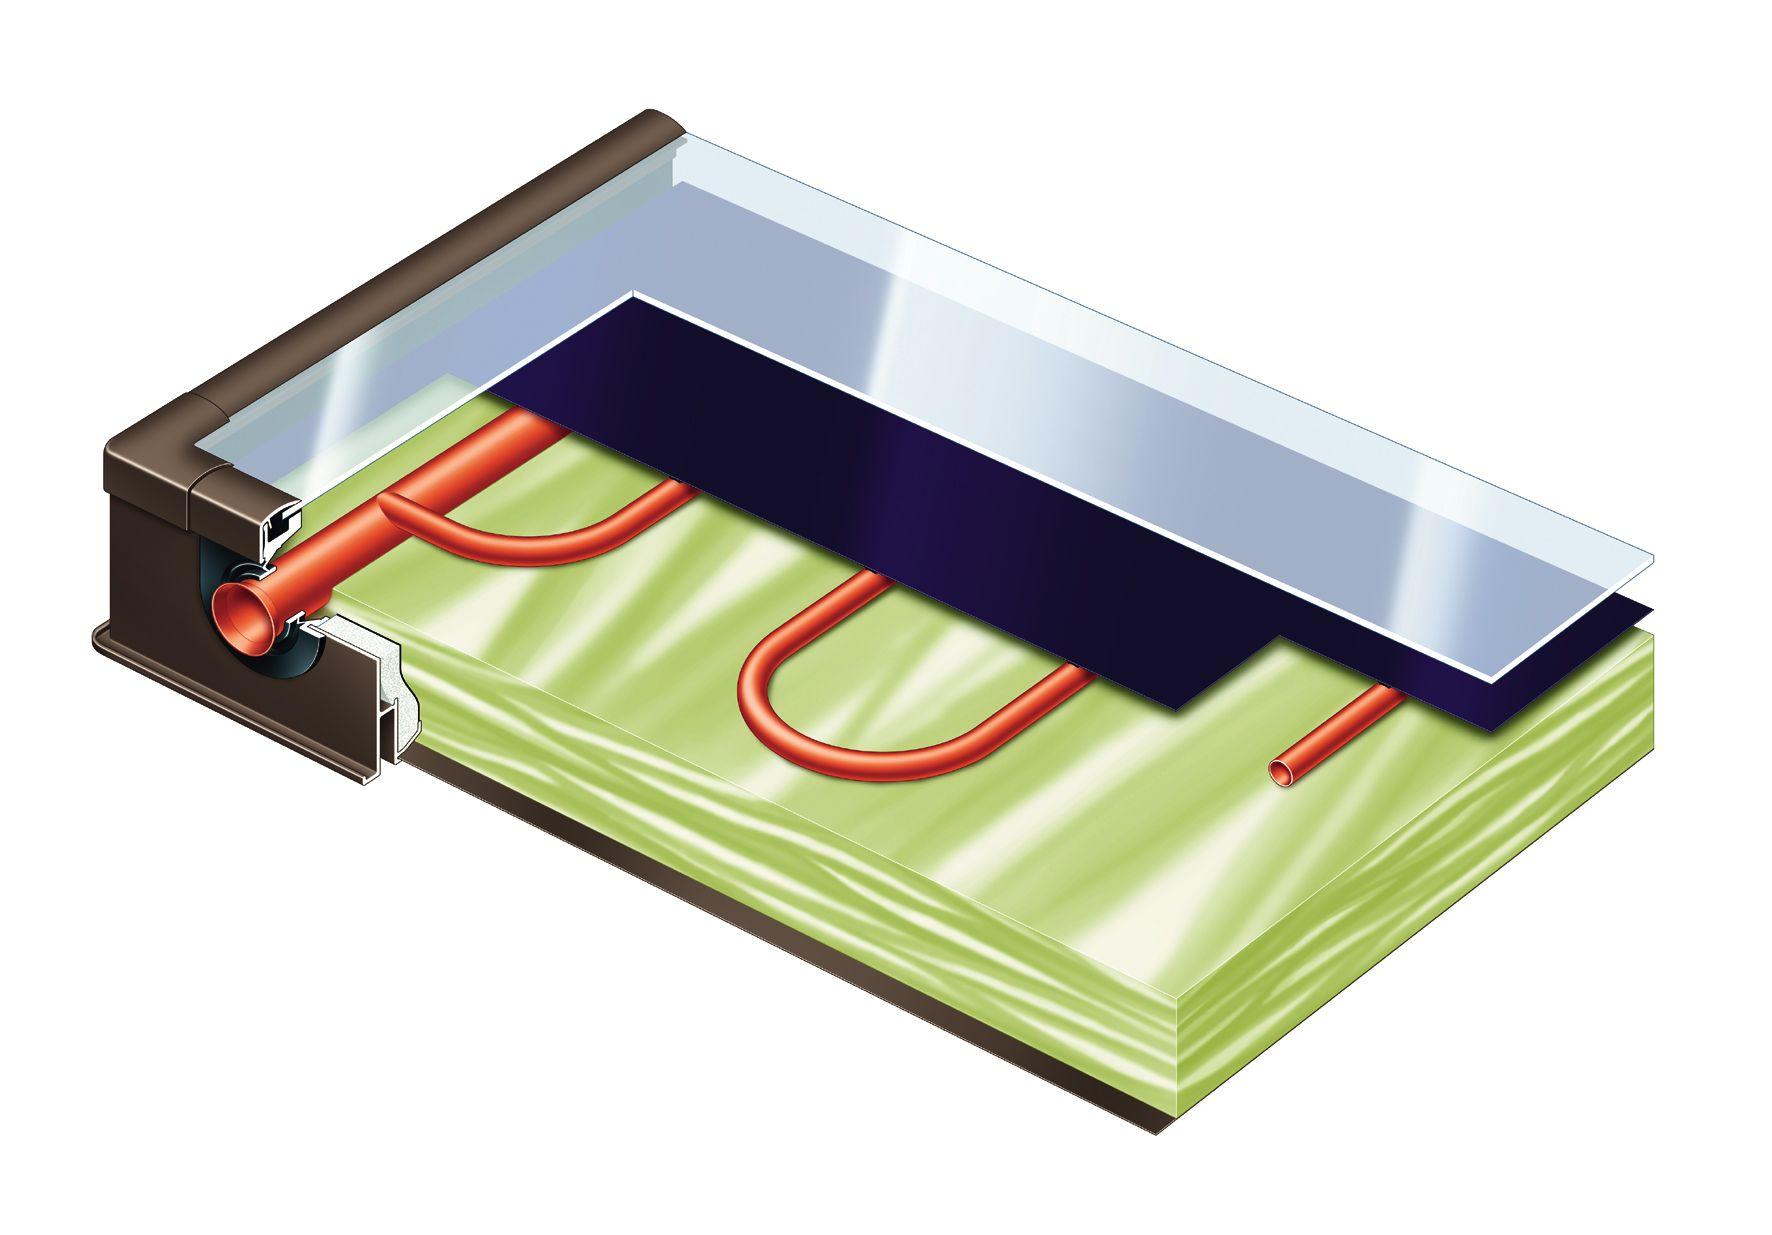 Как собрать солнечный коллектор для отопления своими руками